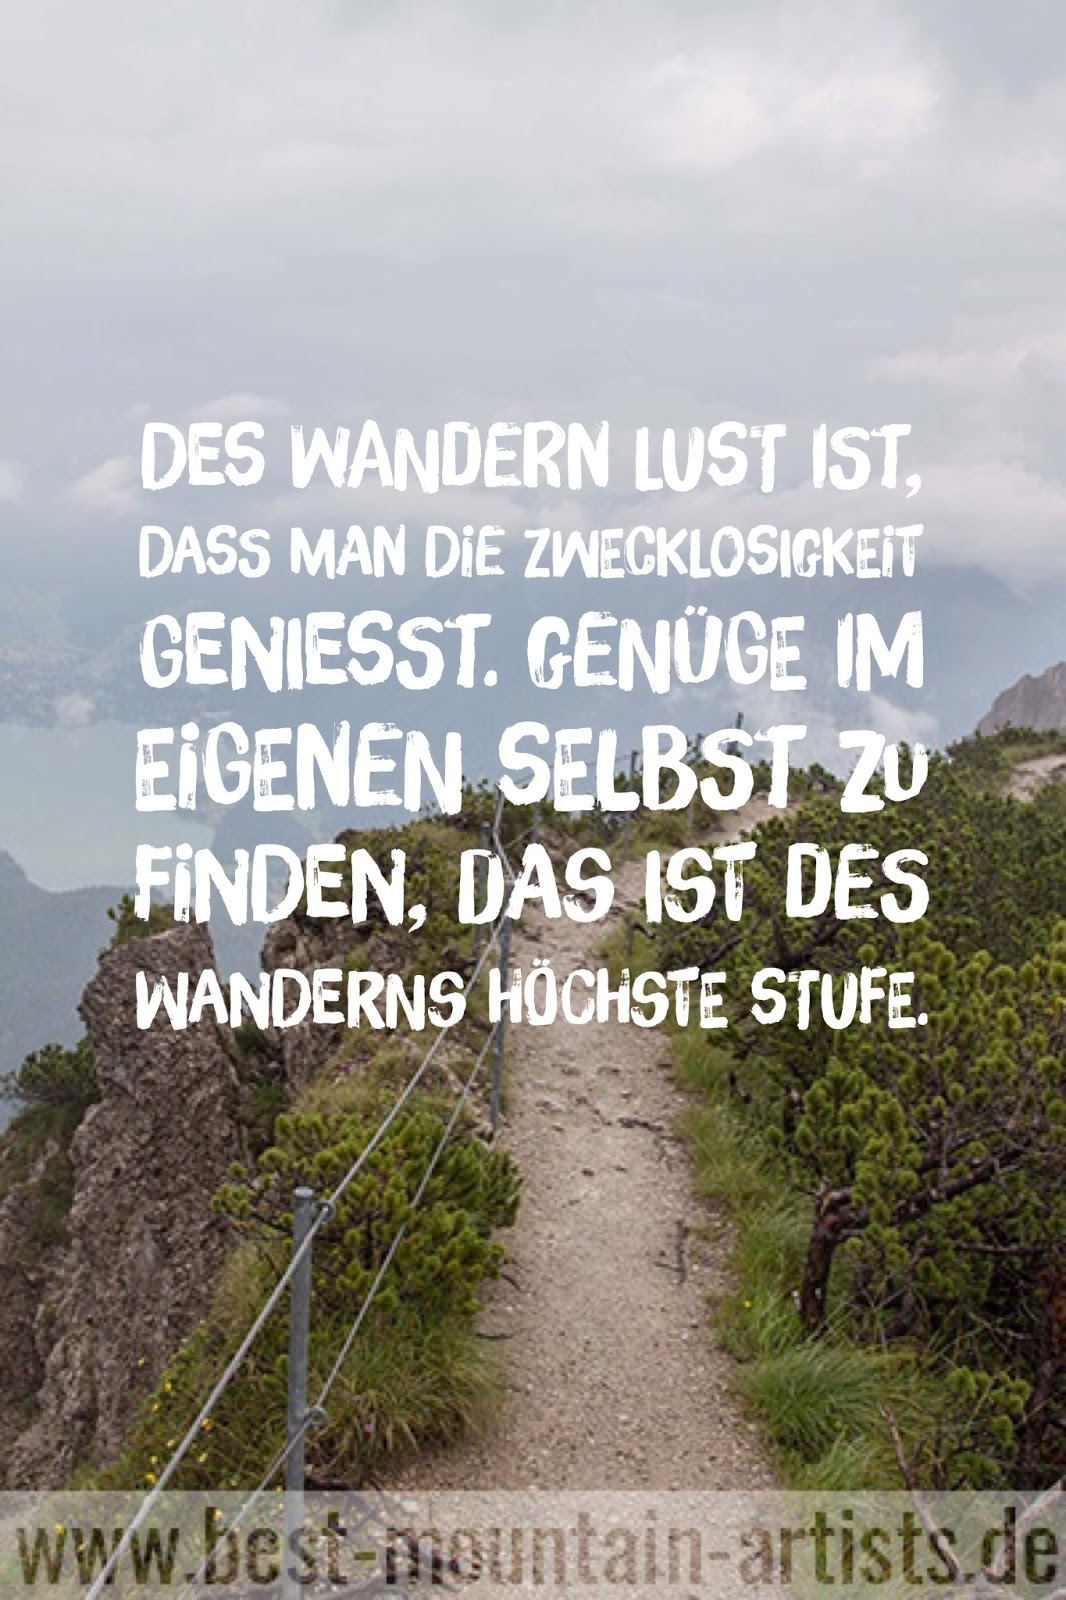 sprüche zum wandern Die 100 besten Wanderzitate | Zitate zu Wandern, Berge, Reisen und  sprüche zum wandern